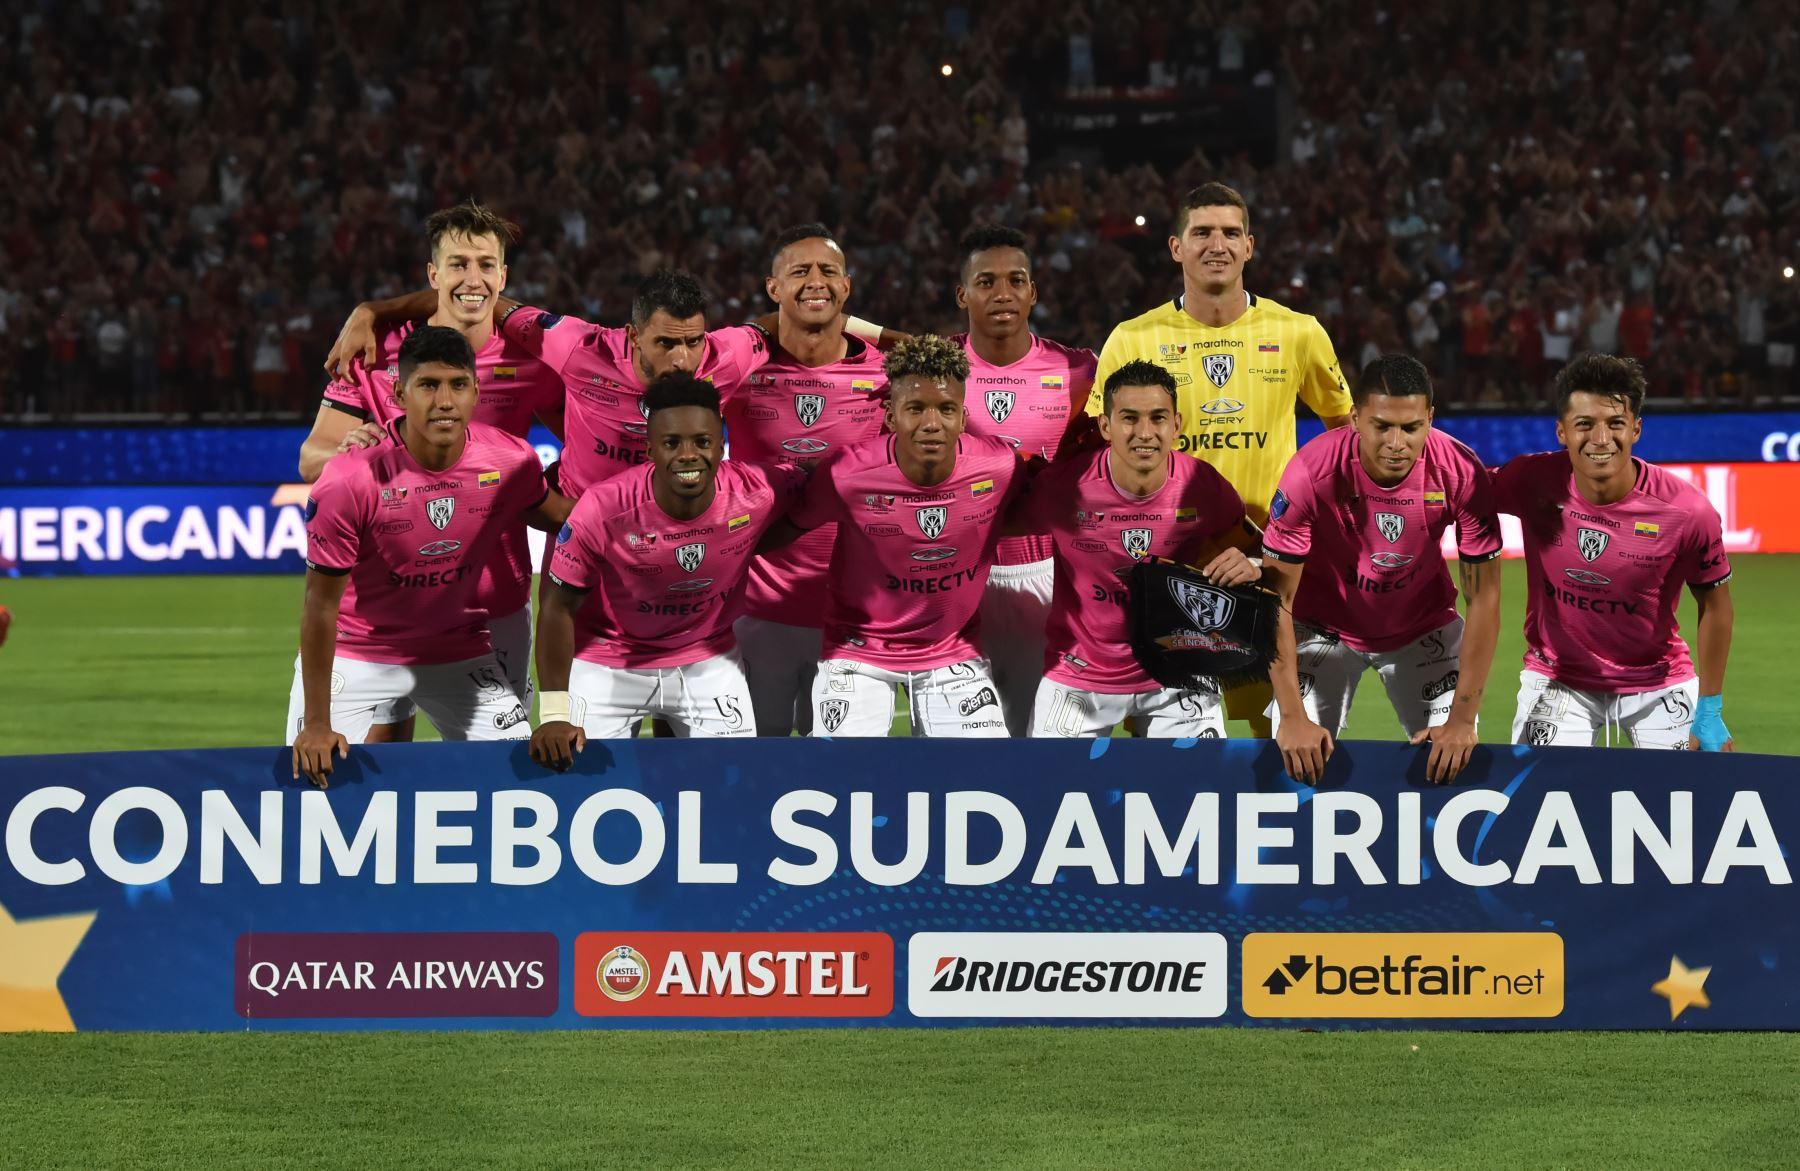 Los jugadores del equipo ecuatoriano Independiente del Valle posan para fotos antes de su partido de fútbol final de la Copa Sudamericana contra el Colón de Santa Fe de Argentina, en el estadio General Pablo Rojas en Asunción. Foto: AFP